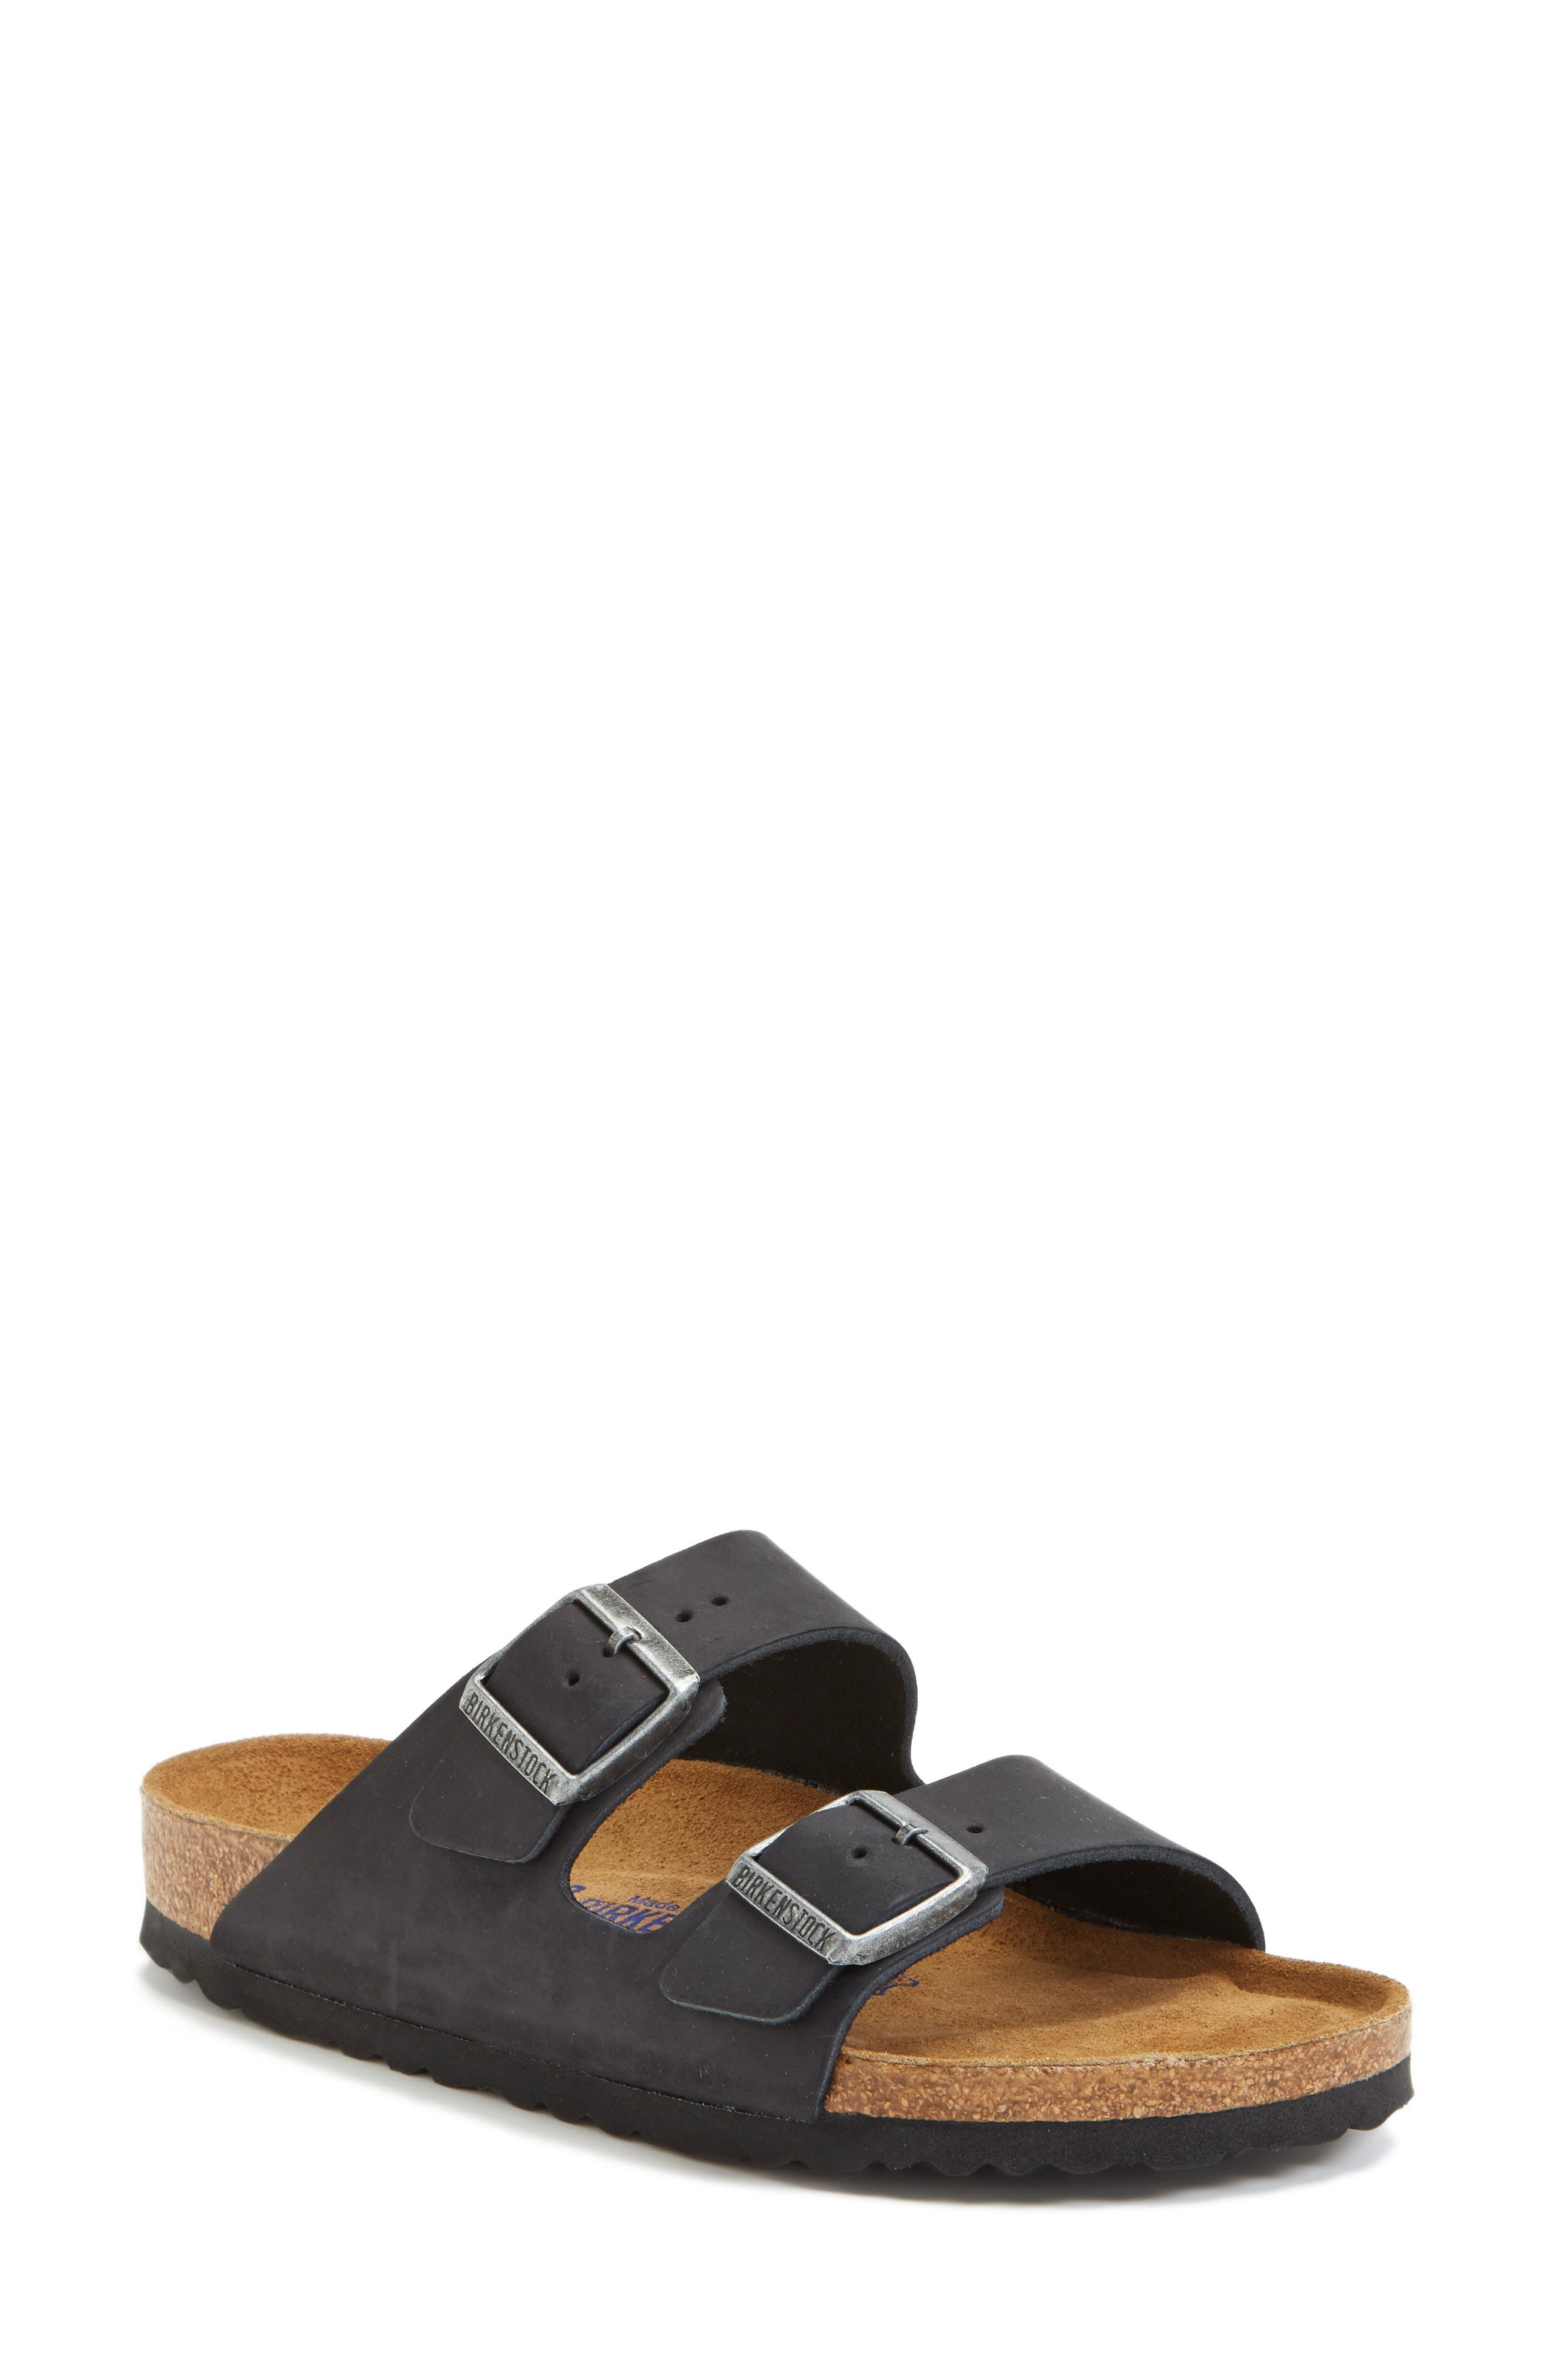 BIRKENSTOCK Arizona Soft Footbed Sandal, Main, color, BLACK/ BLACK